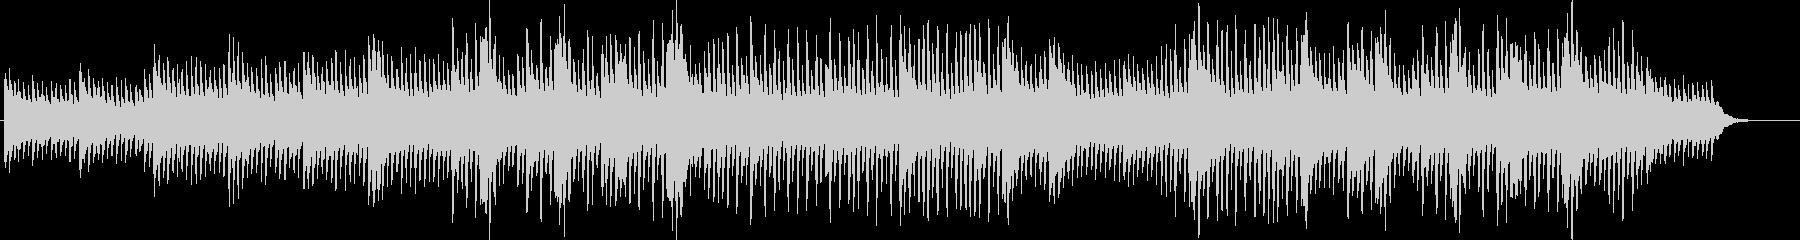 生楽器のさわやかなポリリズムの未再生の波形